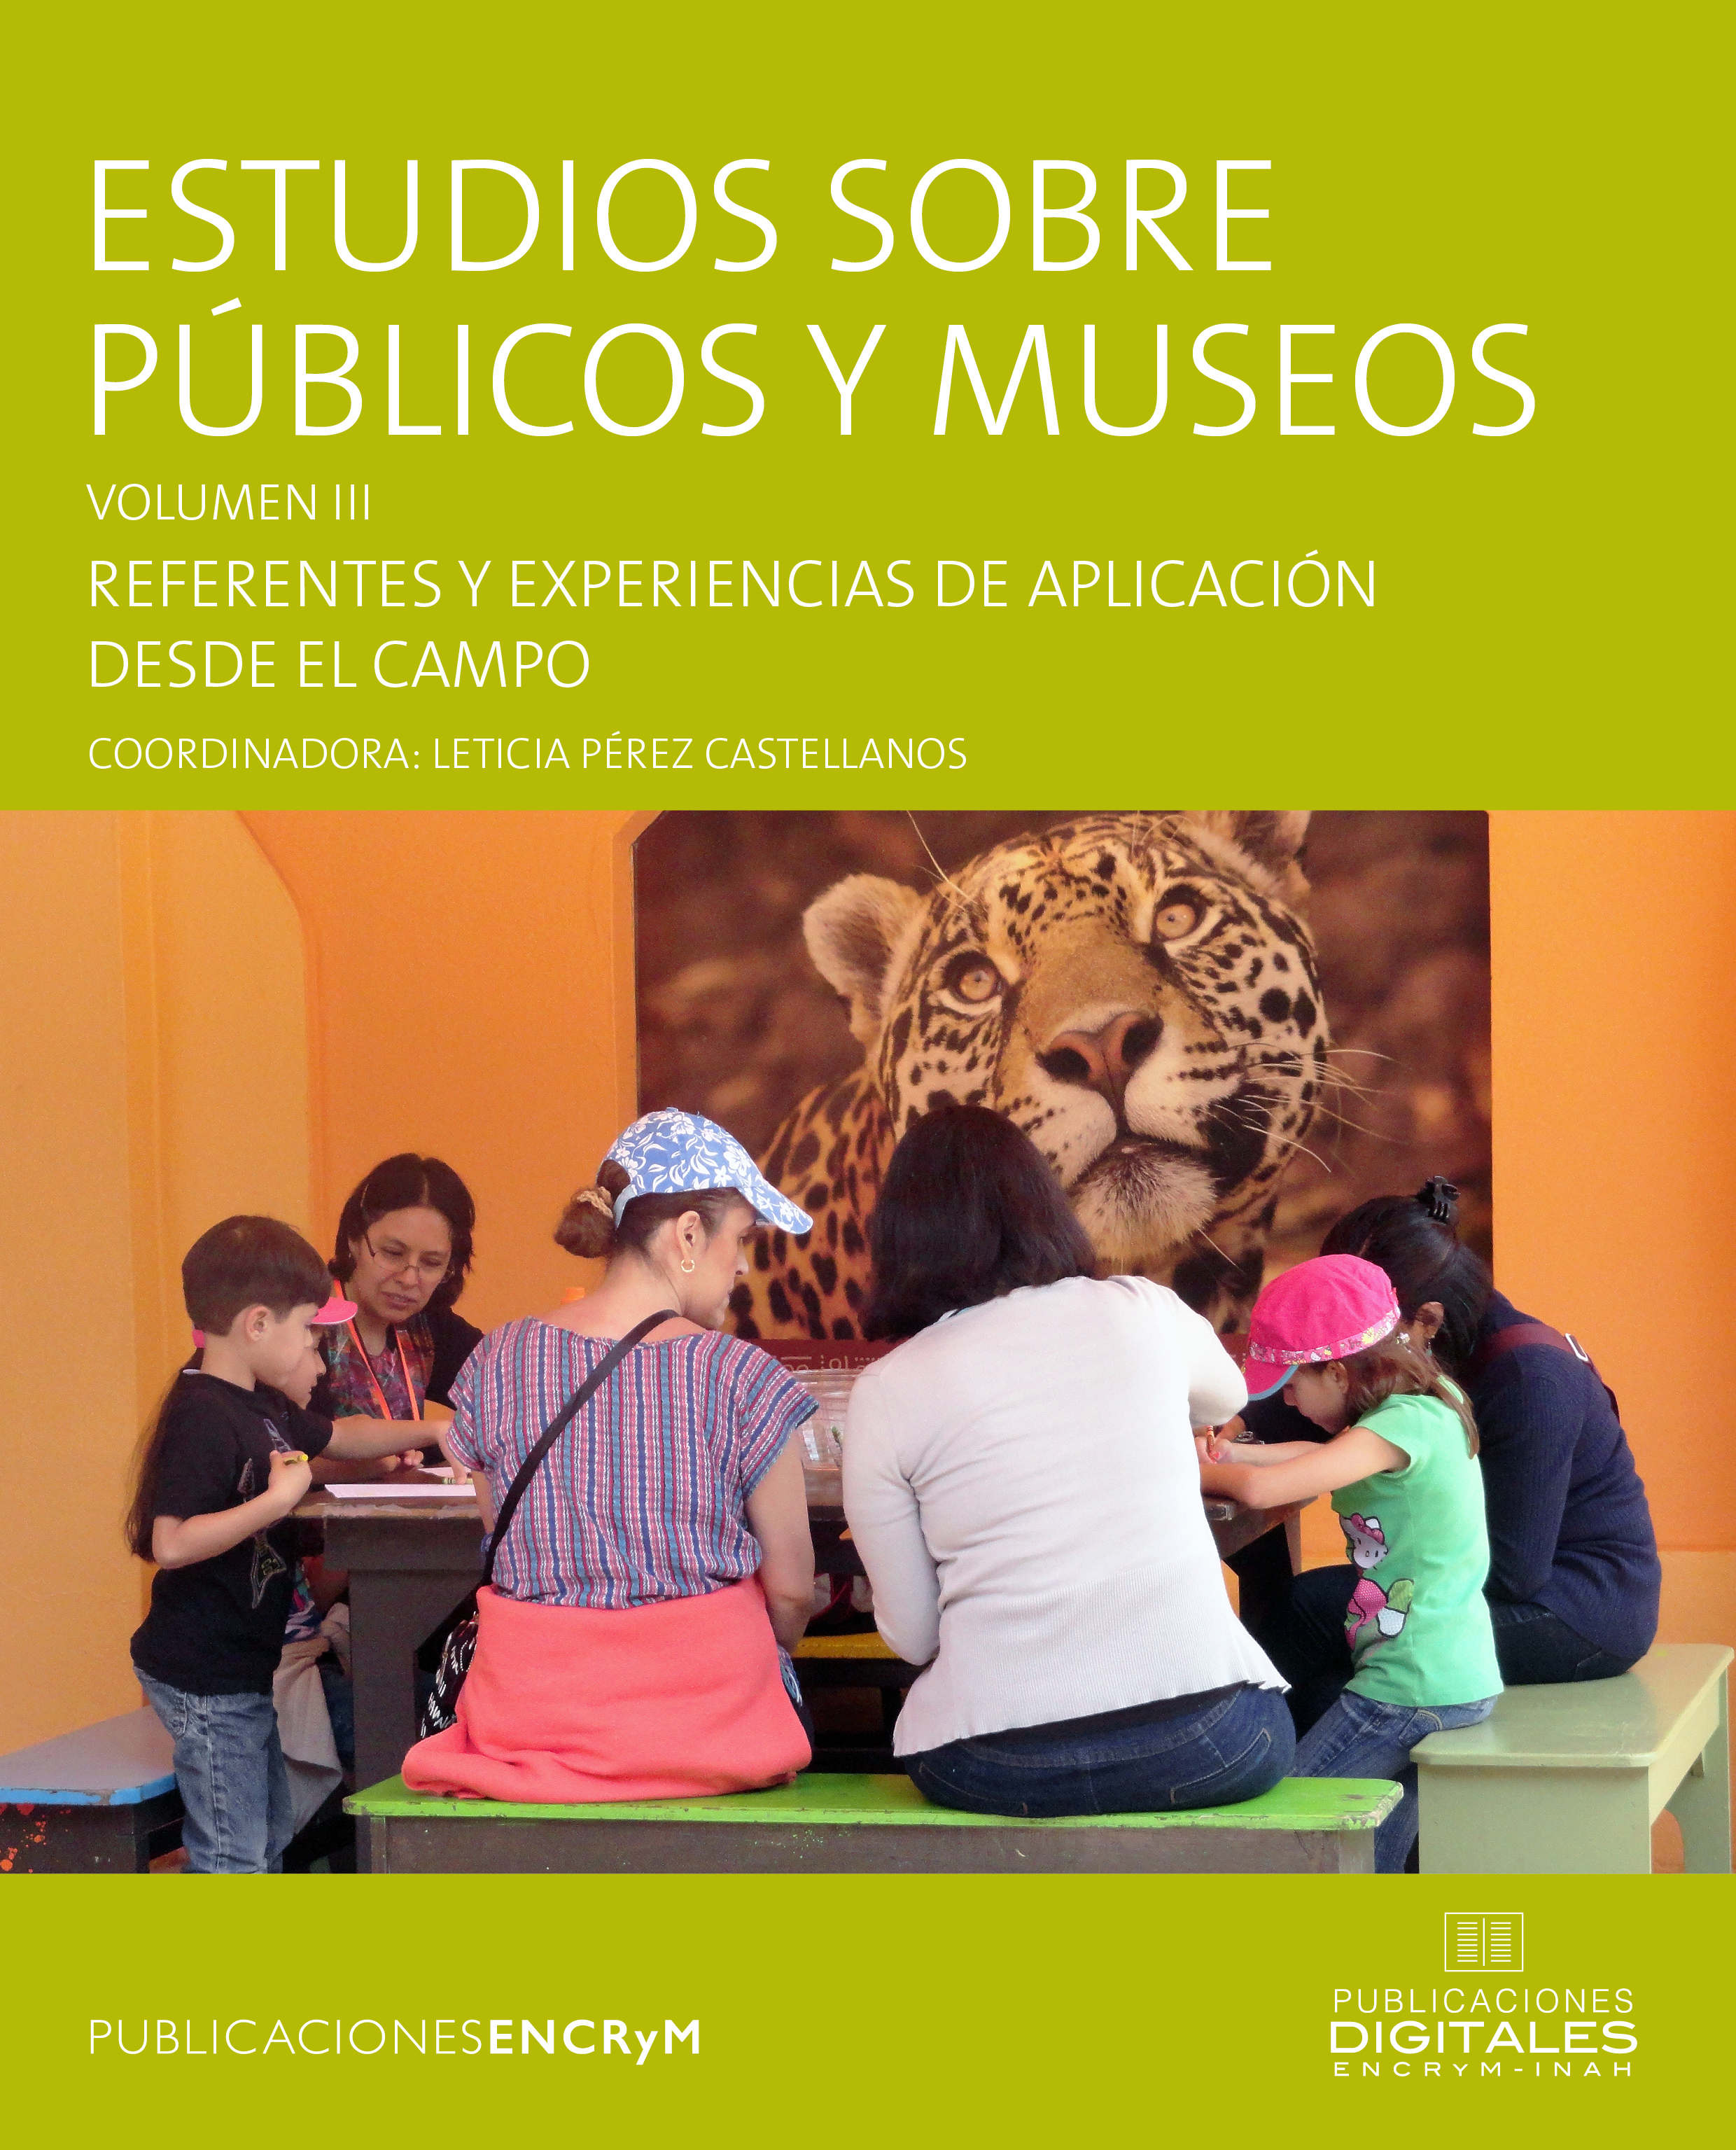 Ver Estudios sobre públicos y museos. Volumen III. Referentes y experiencias de aplicación desde el campo